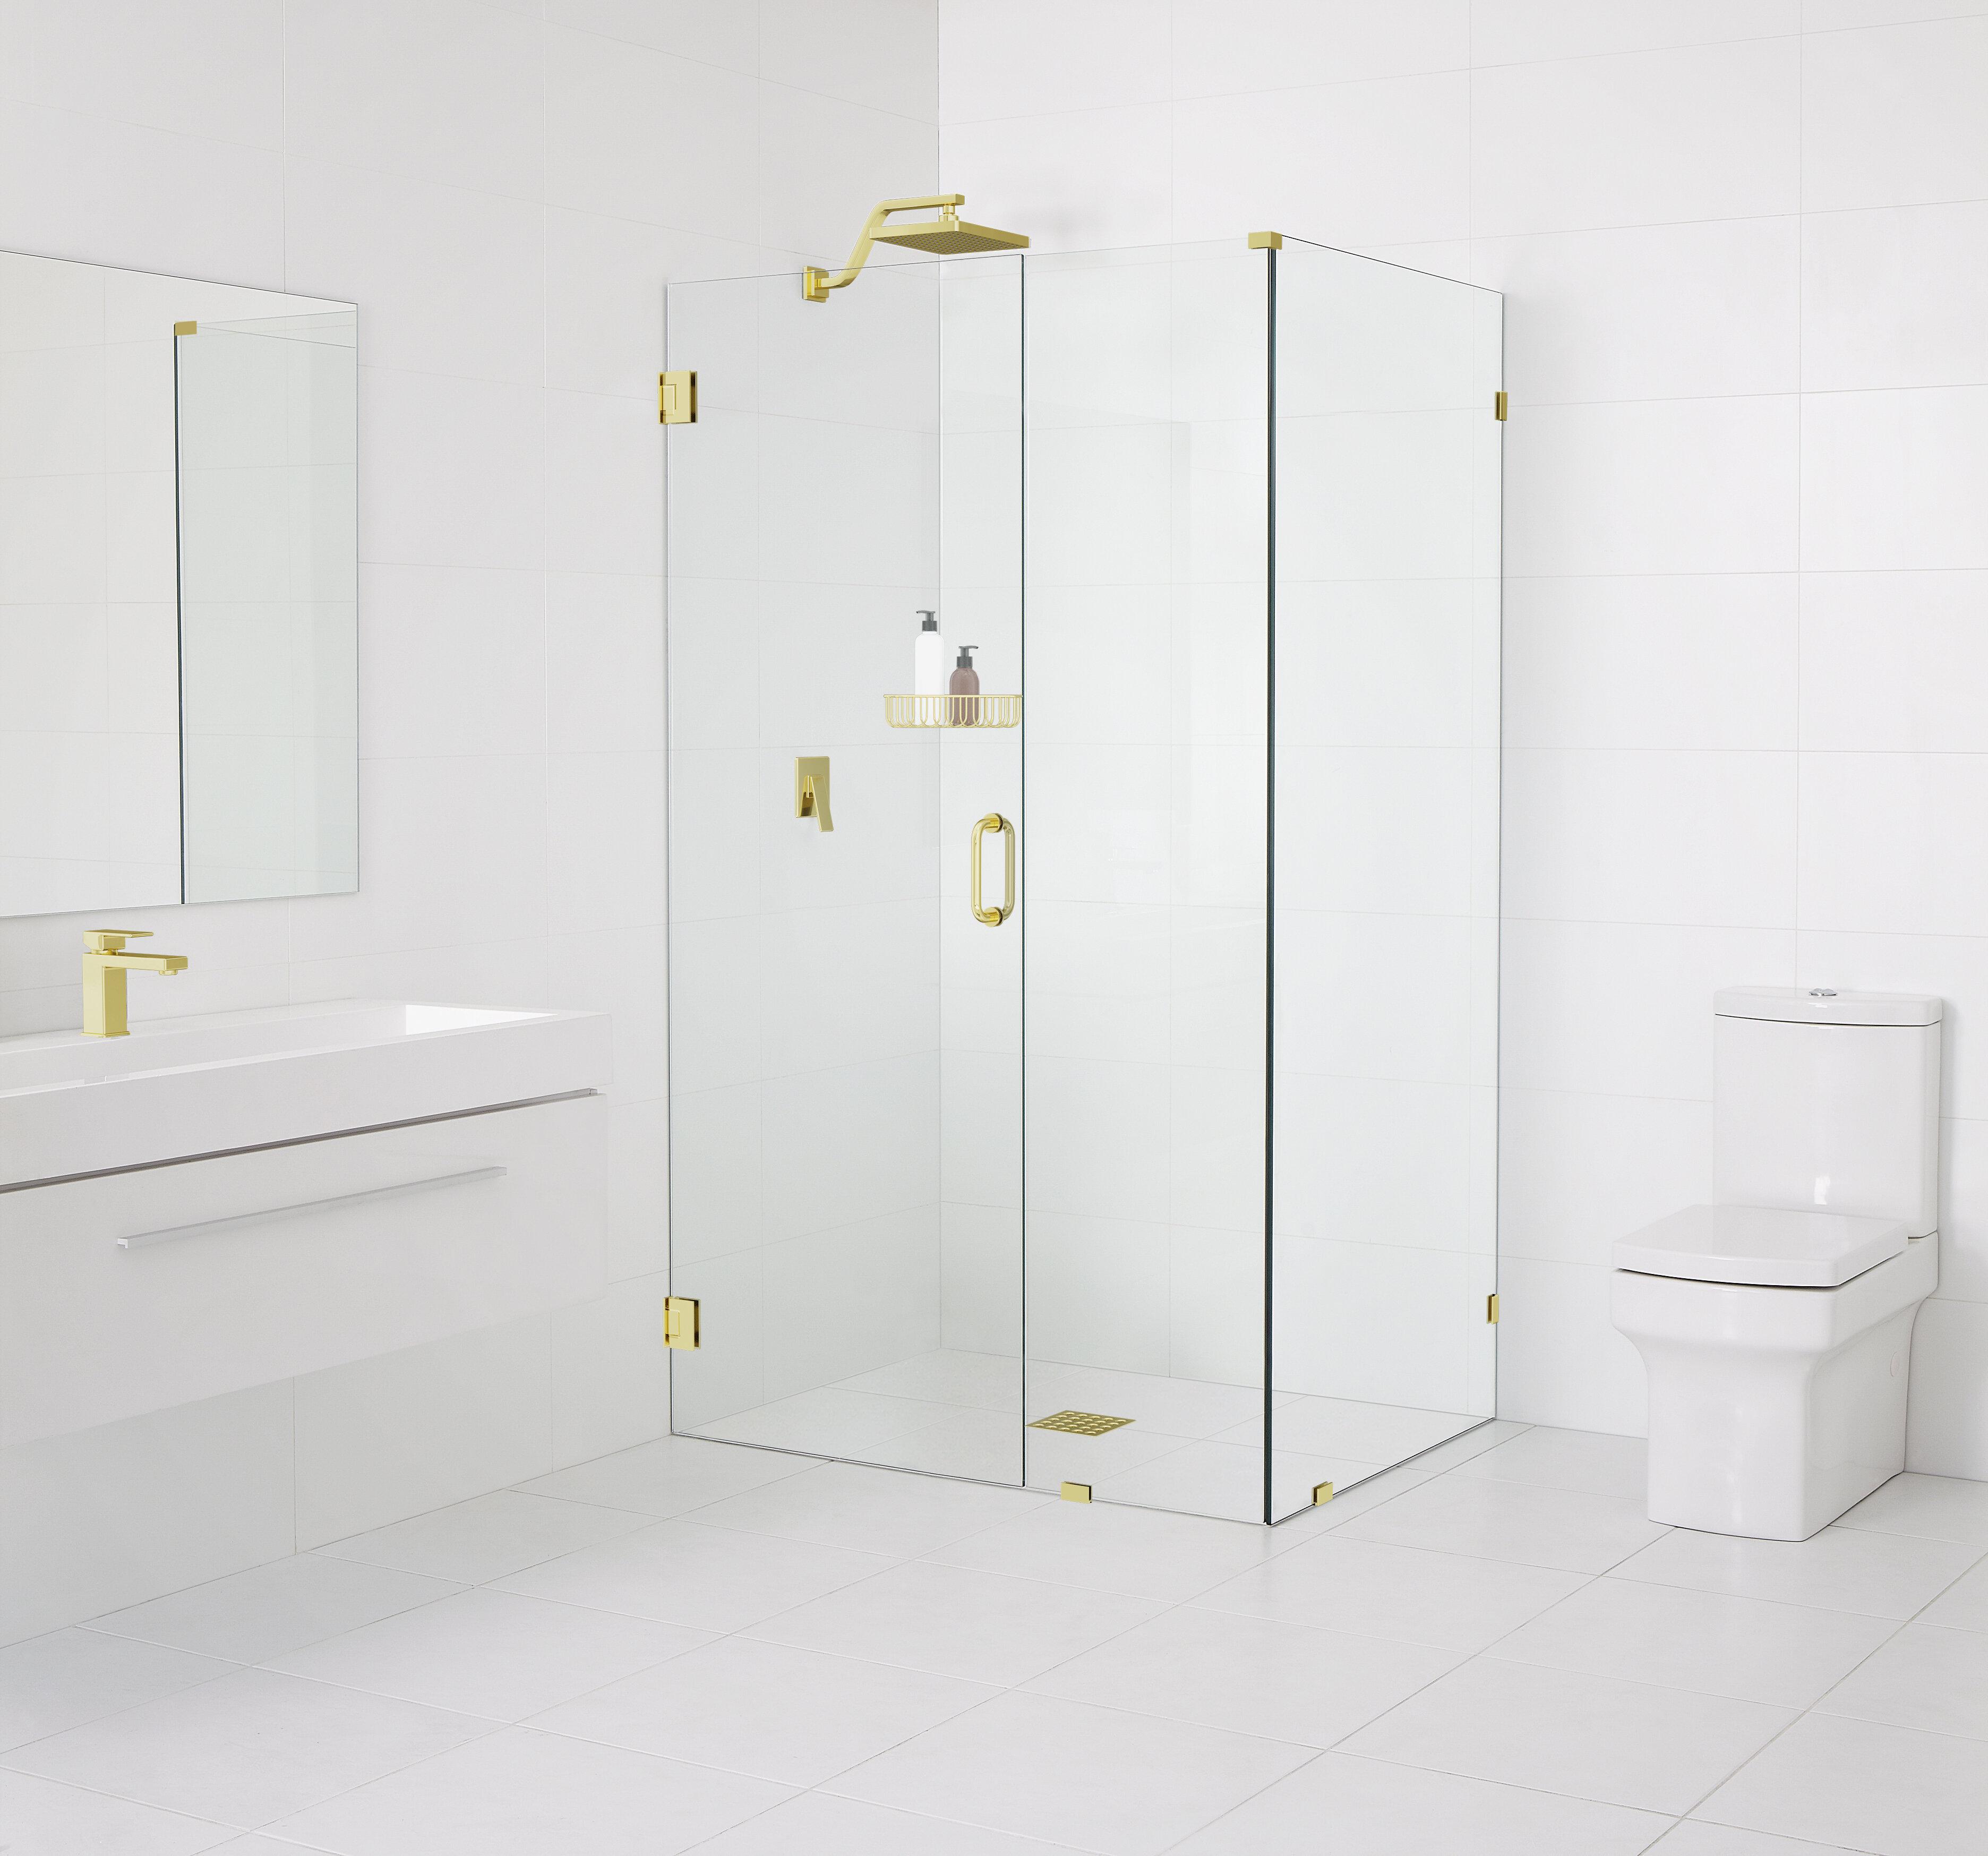 46 5 X 78 Hinged Frameless Shower Door